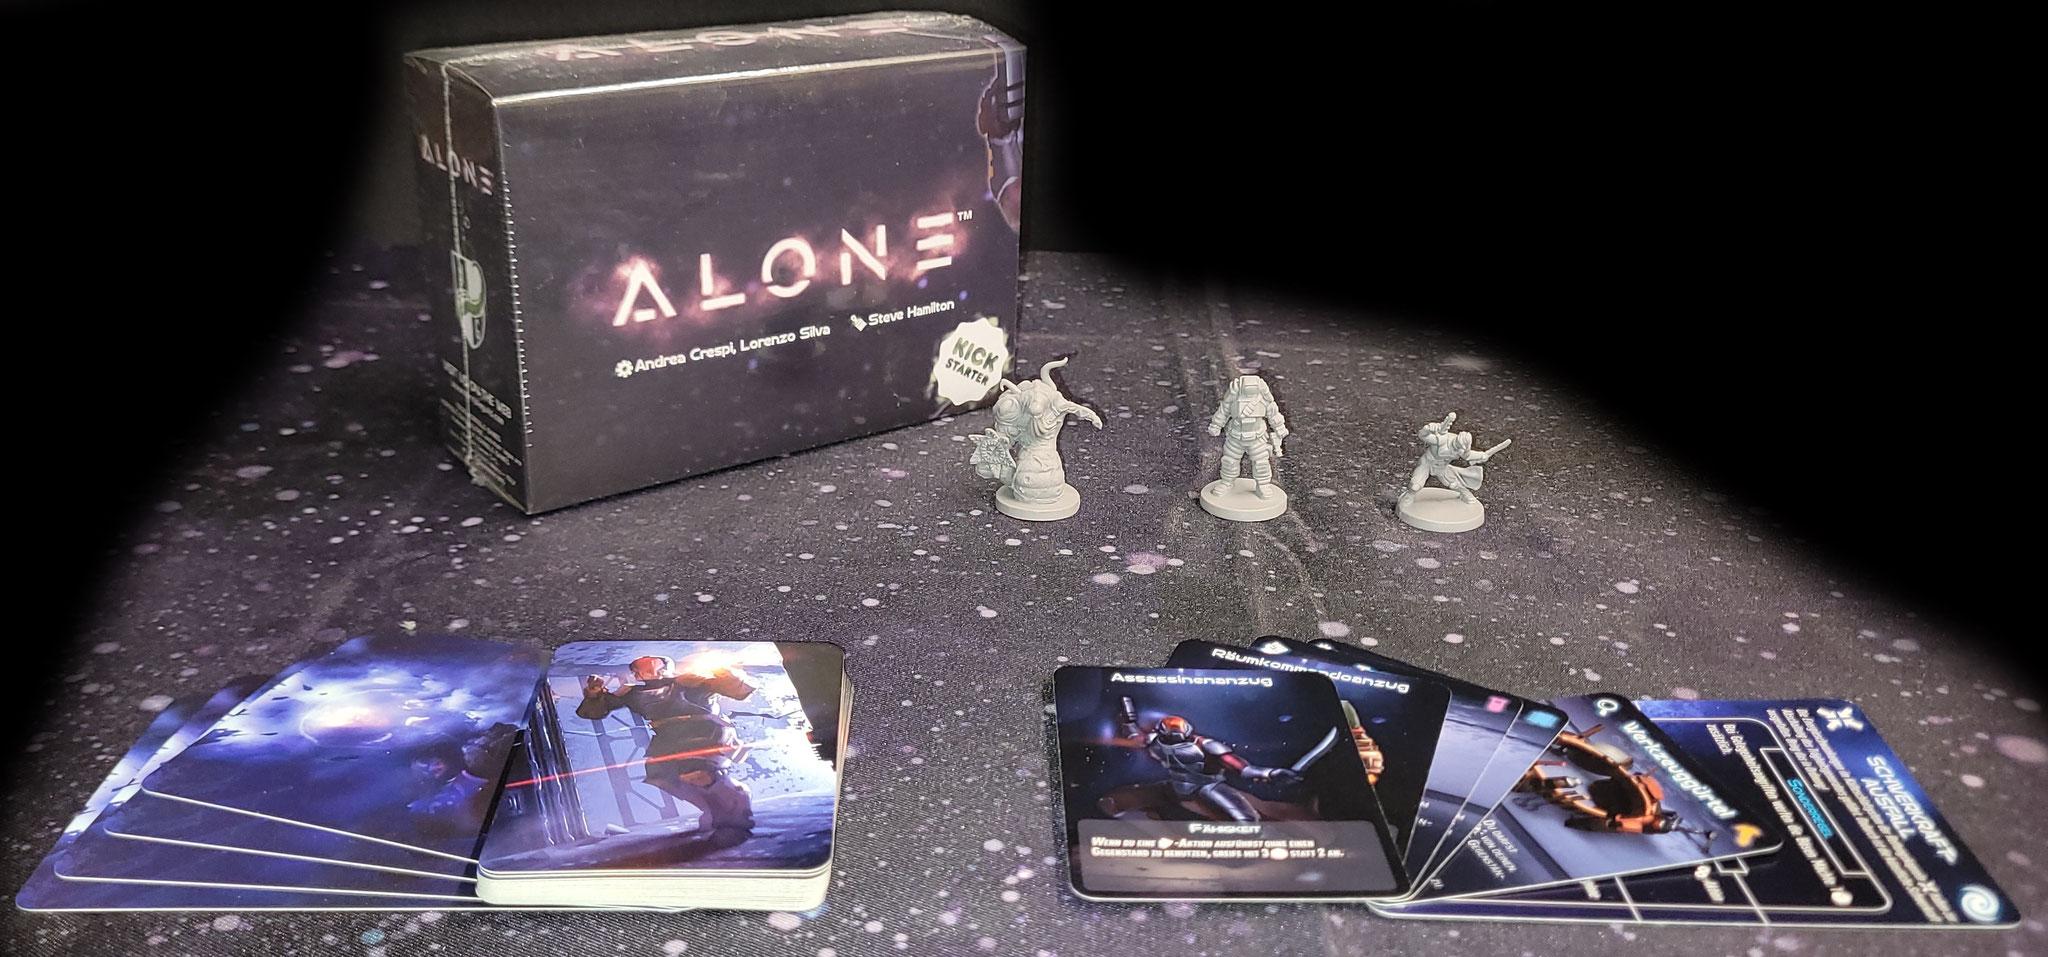 Alone Kickstarter